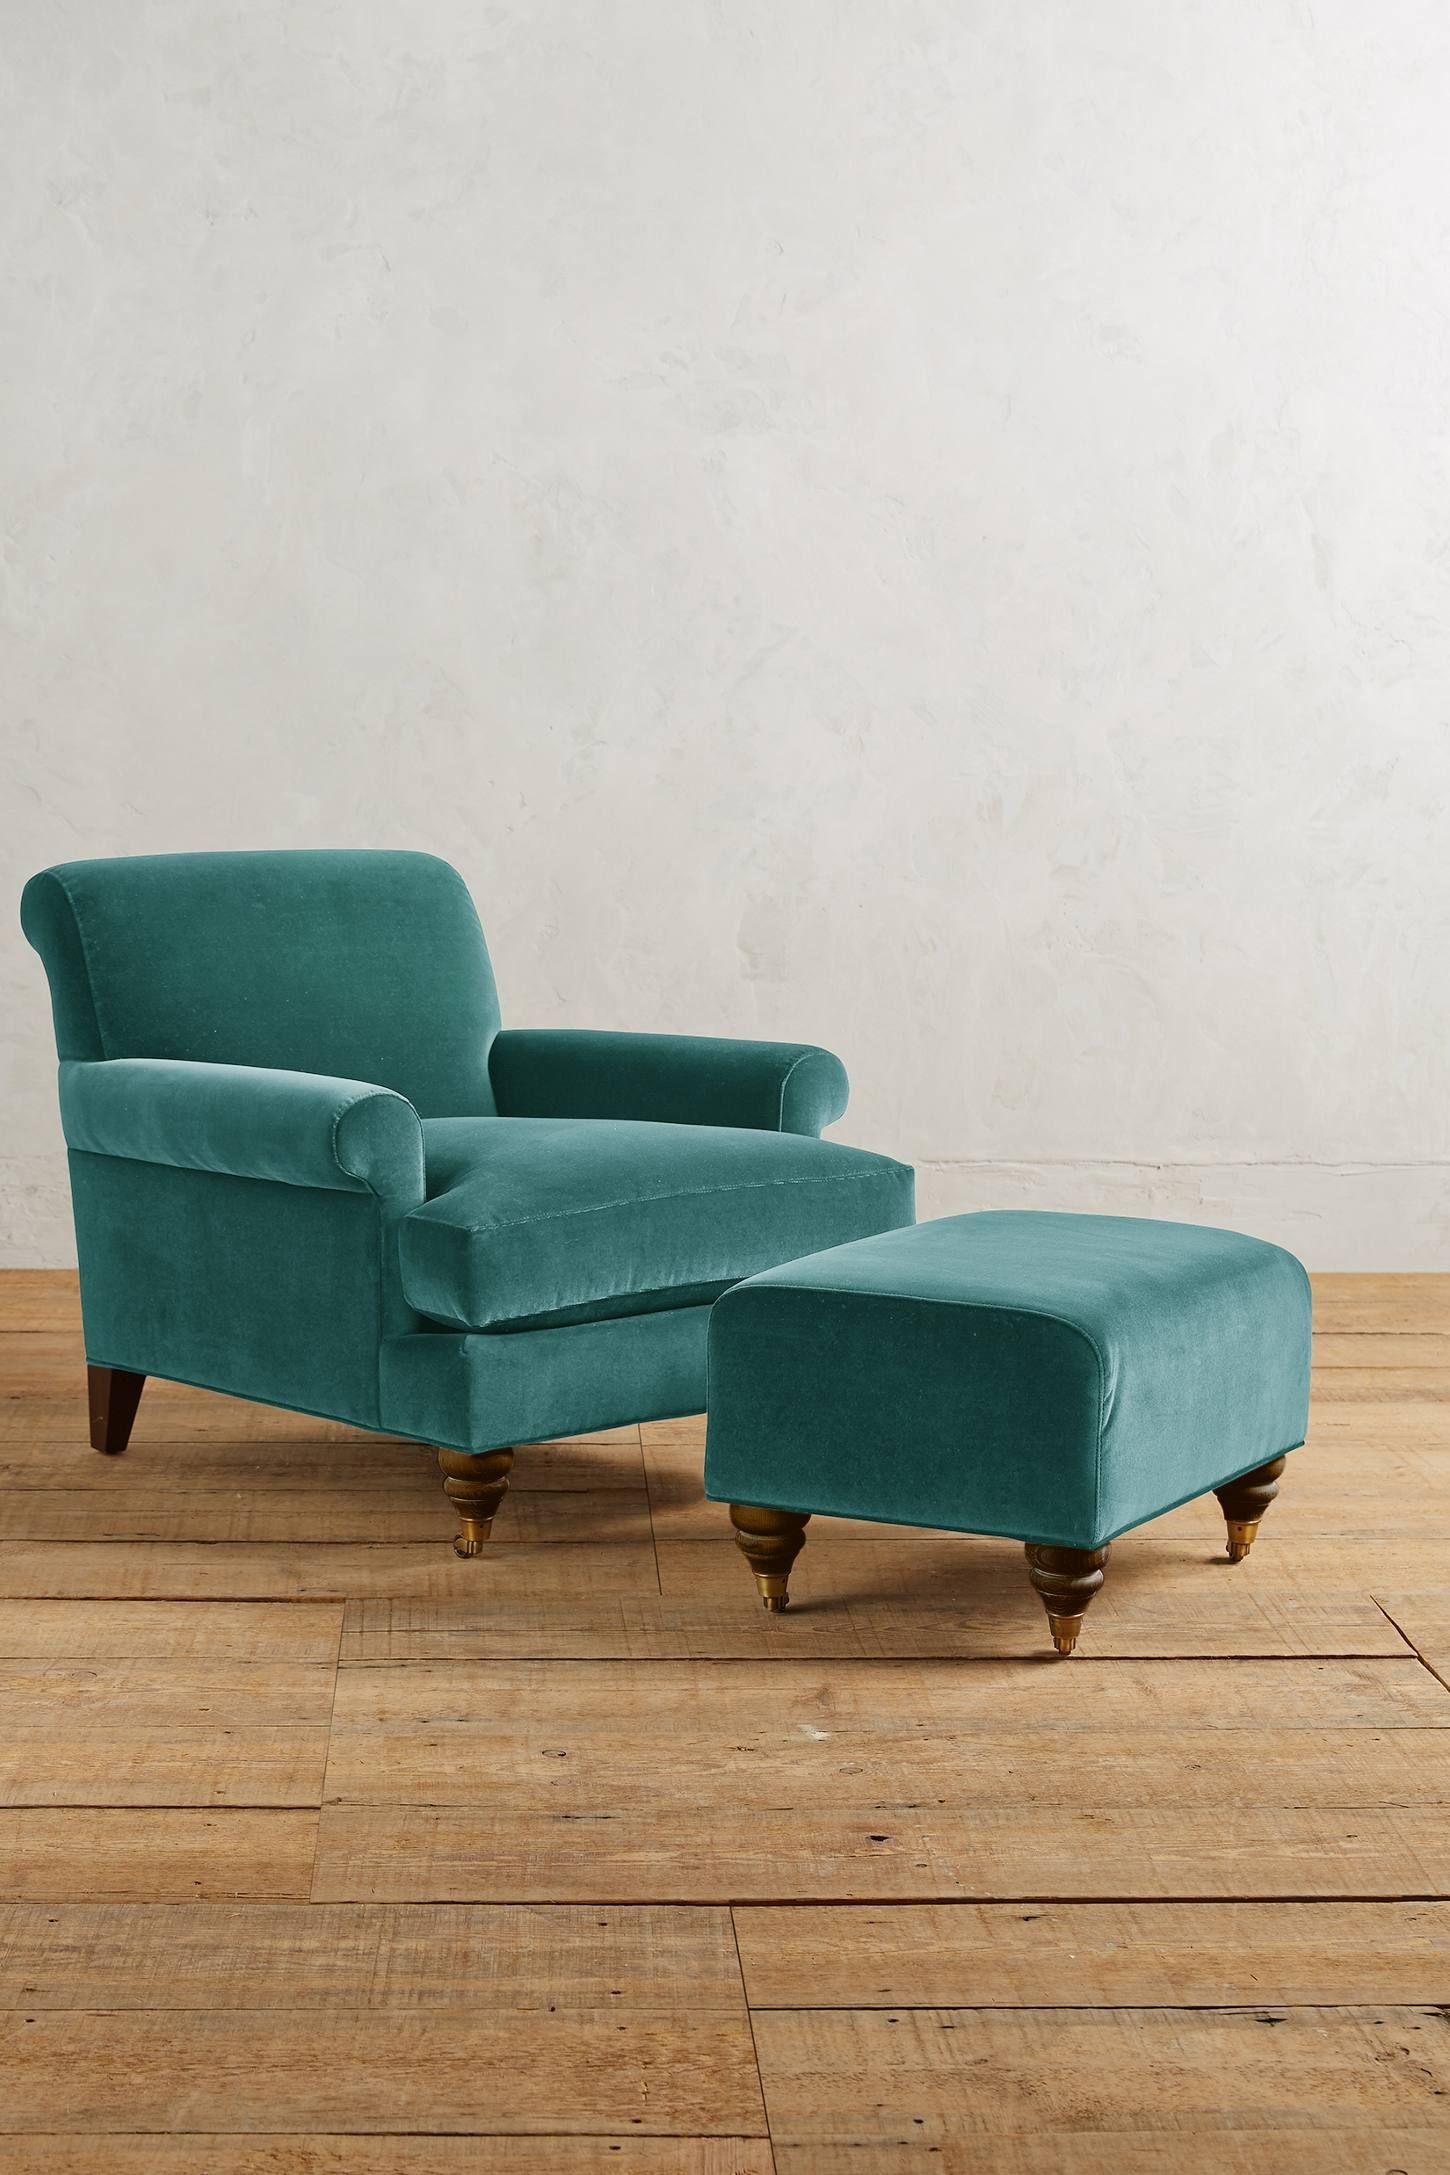 Velvet Willoughby Chair, Hickory Chair, Velvet chair